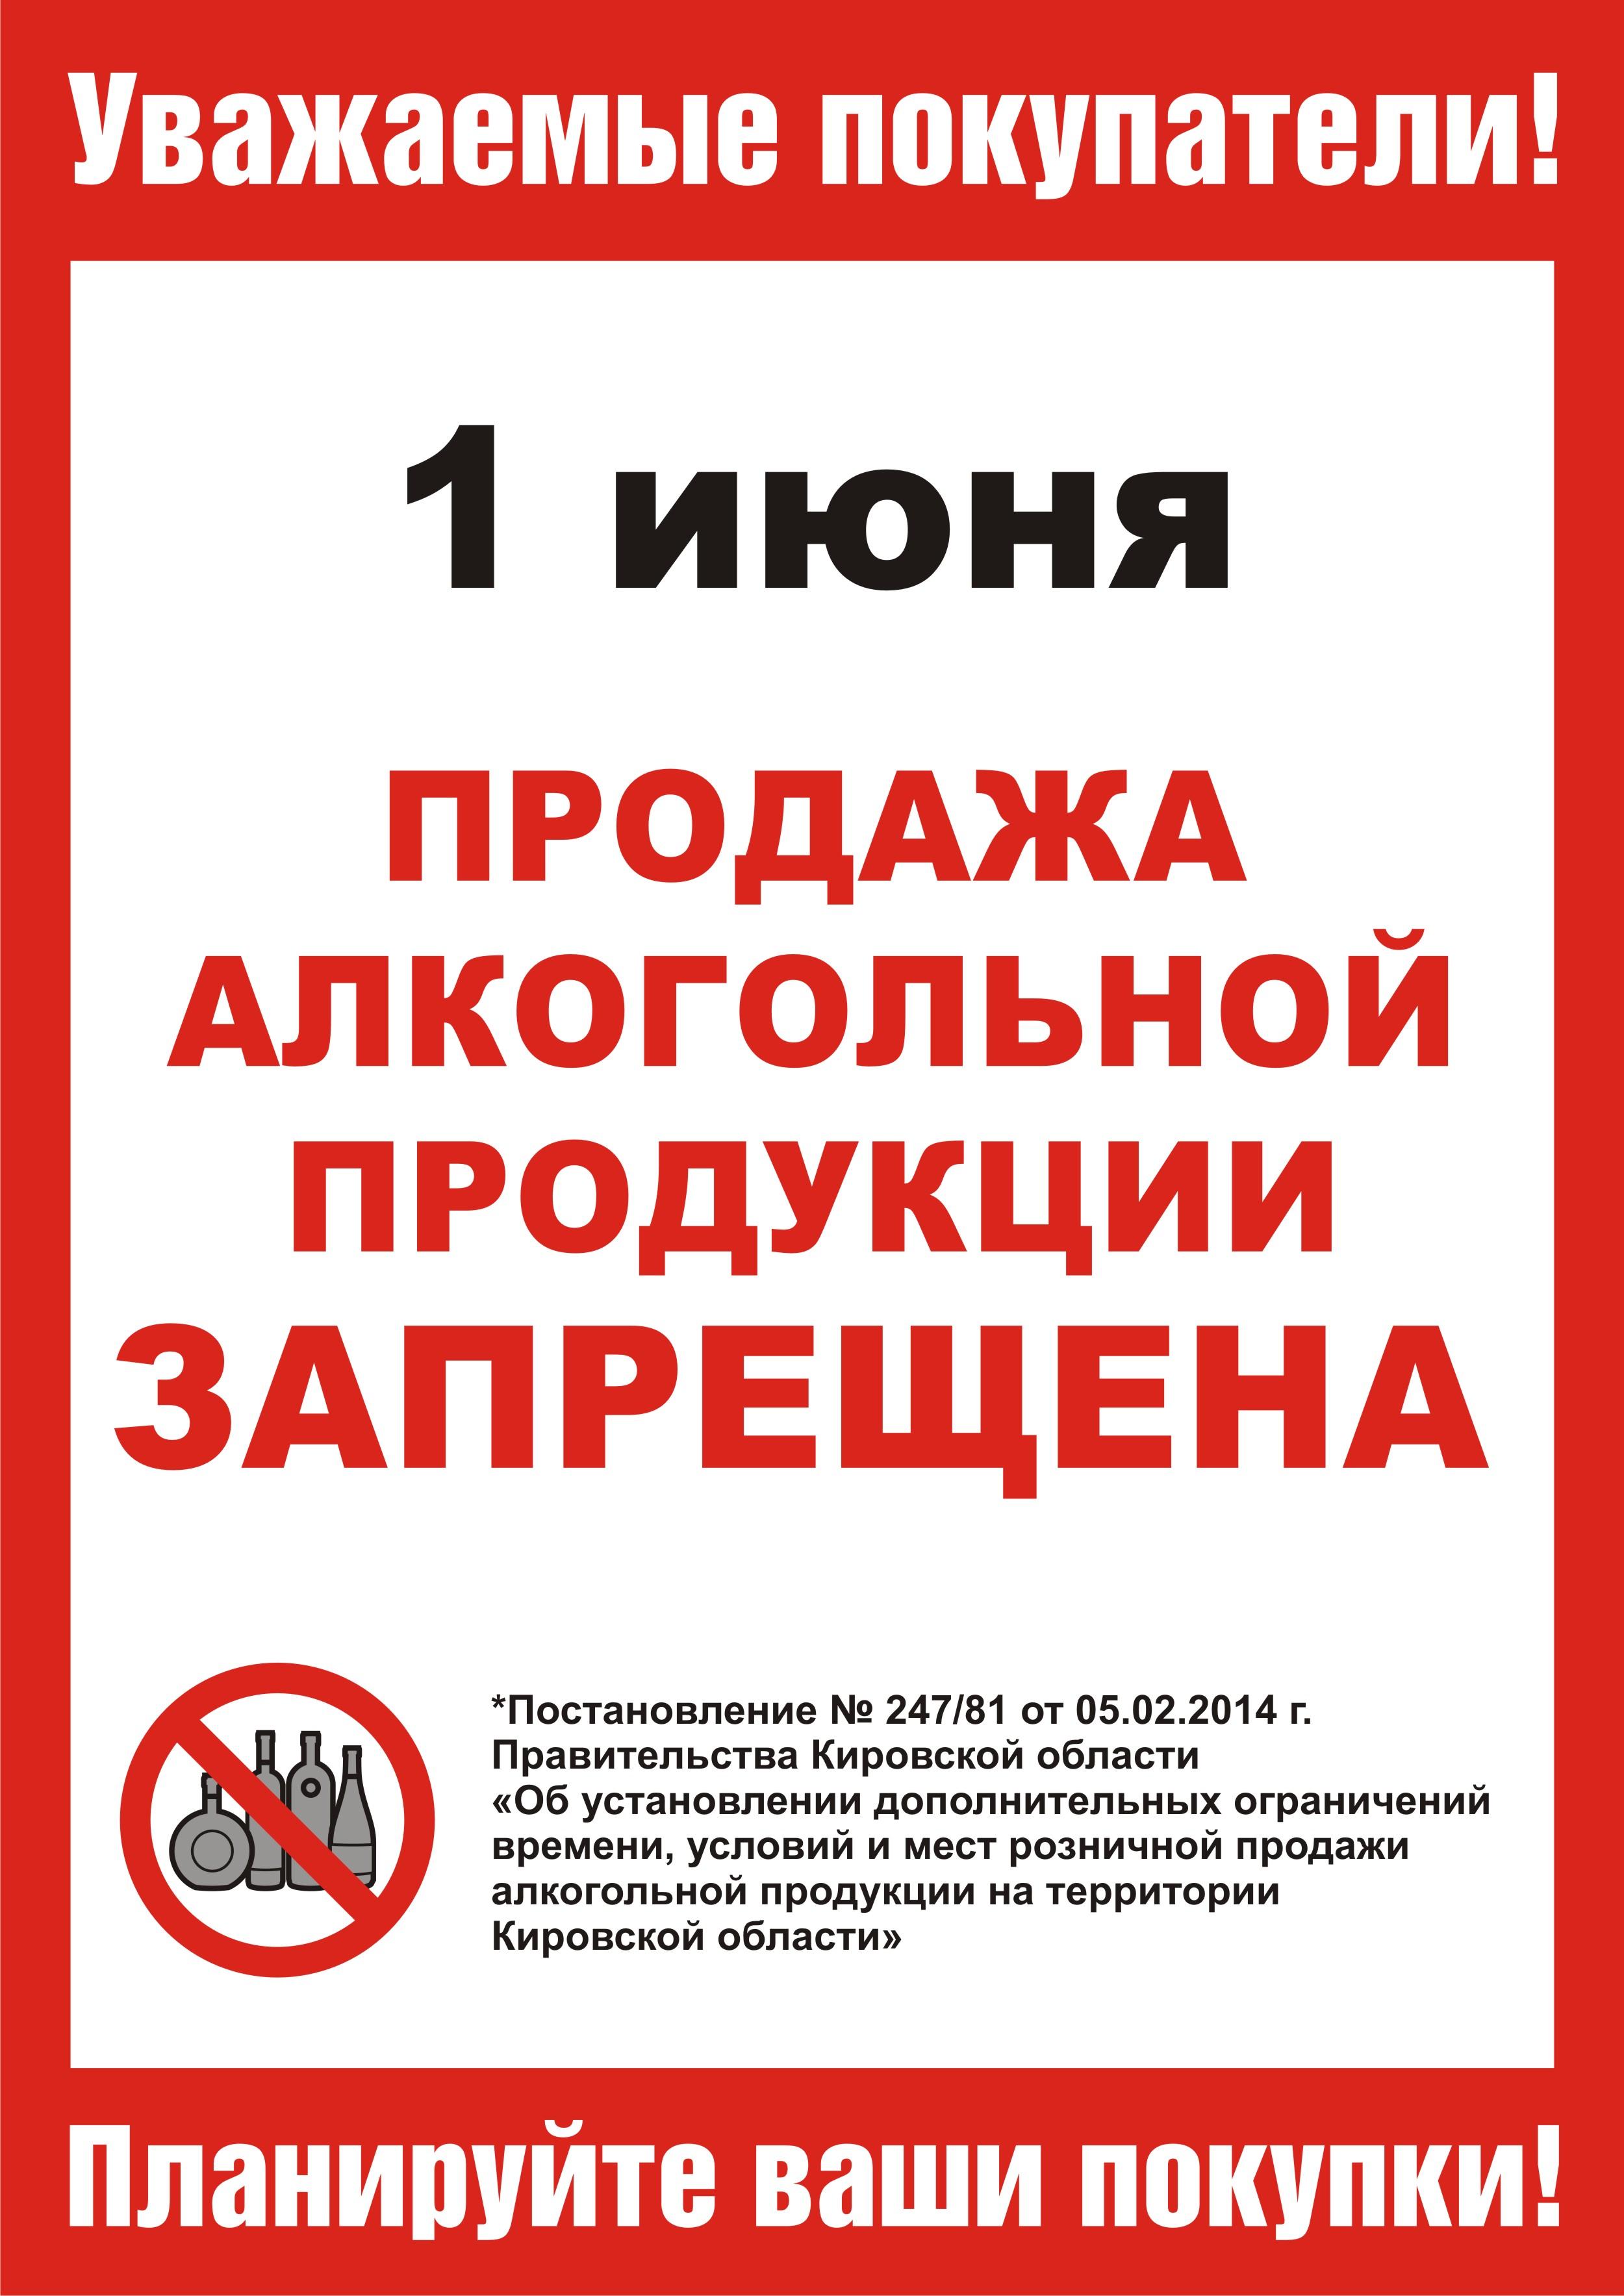 27 июня запрещена продажа алкоголя - Новости - Торговая сеть ... | 3535x2500